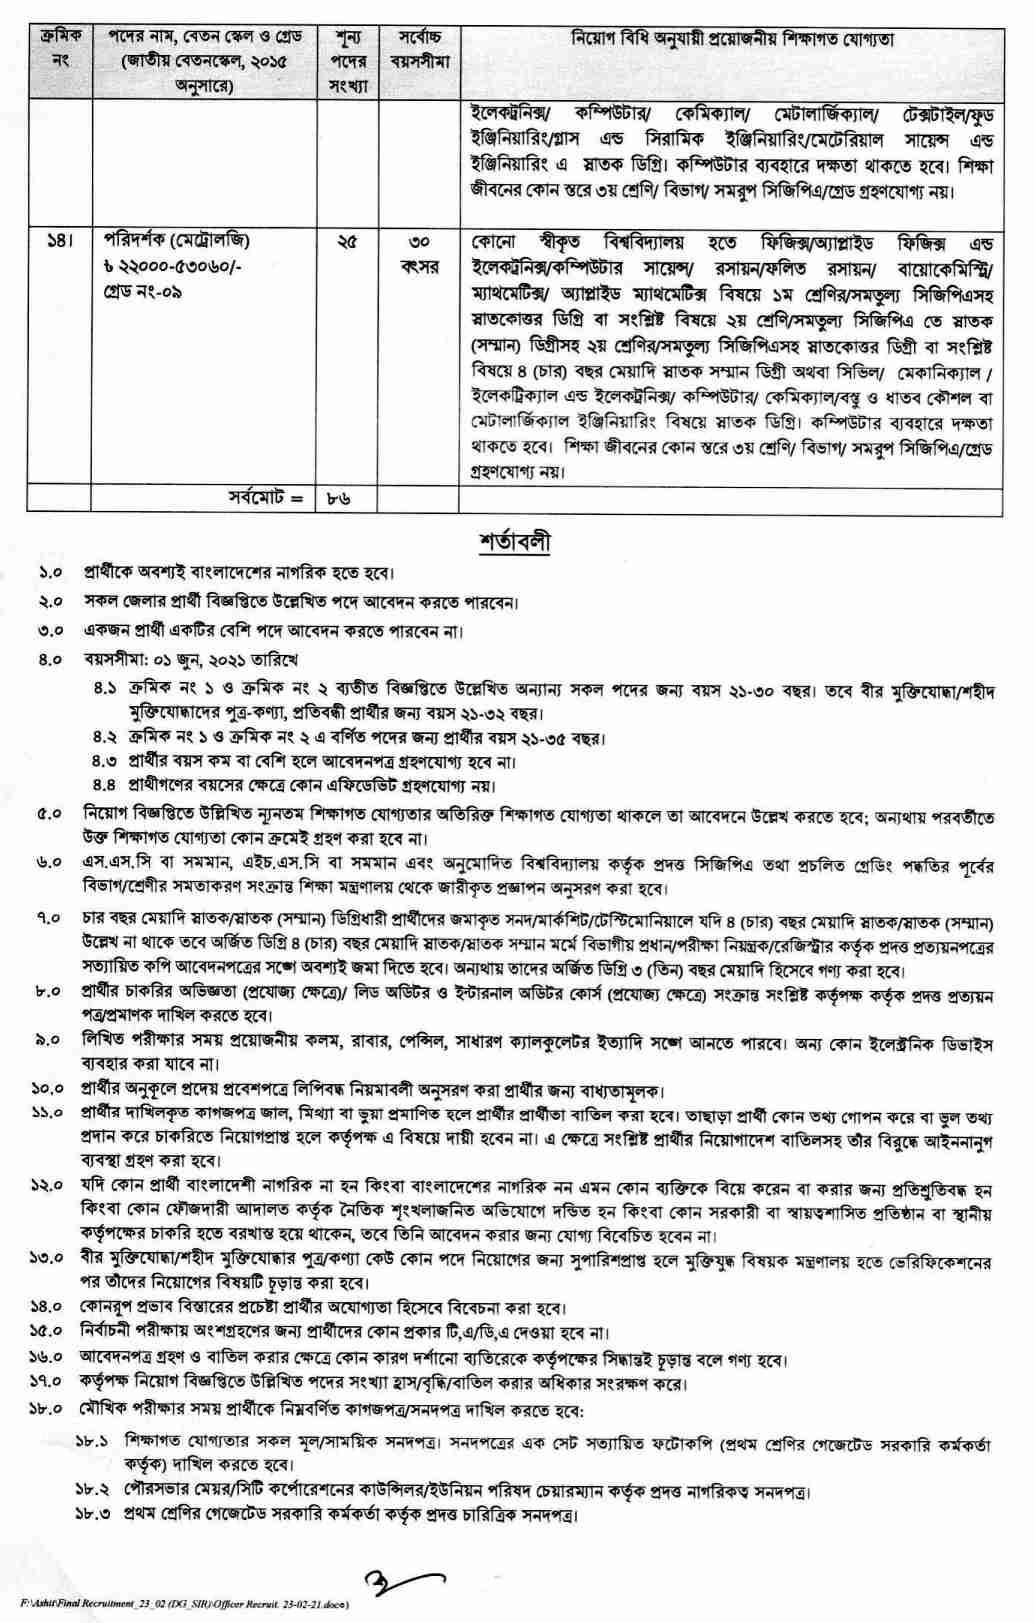 বাংলাদেশ স্ট্যান্ডার্ডস এন্ড টেস্টিং ইনস্টিটিউশন নিয়োগ বিজ্ঞপ্তি ২০২১, Bsti নিয়োগ বিজ্ঞপ্তি, বিএসটিআই নিয়োগ ২০২১, Bangladesh Standards and Testing Institution (BSTI) Job circular 2021, bsti job circular 2021বাংলাদেশ স্ট্যান্ডার্ডস এন্ড টেস্টিং ইনস্টিটিউশন নিয়োগ বিজ্ঞপ্তি ২০২১, Bsti নিয়োগ বিজ্ঞপ্তি, বিএসটিআই নিয়োগ ২০২১, Bangladesh Standards and Testing Institution (BSTI) Job circular 2021, bsti job circular 2021